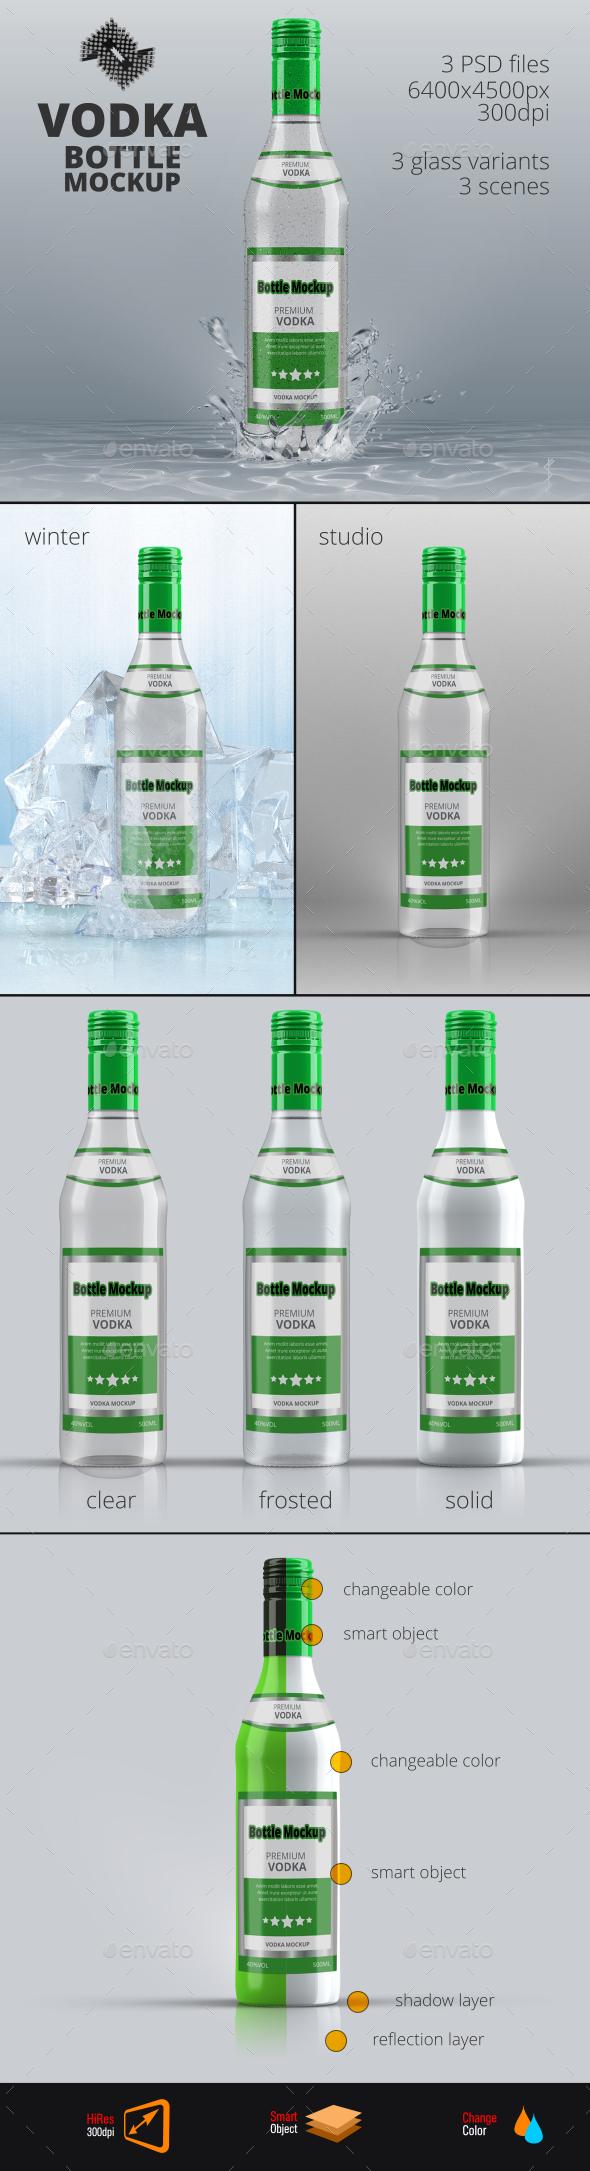 Vodka Bottle Mockup Vol.6 - Food and Drink Packaging